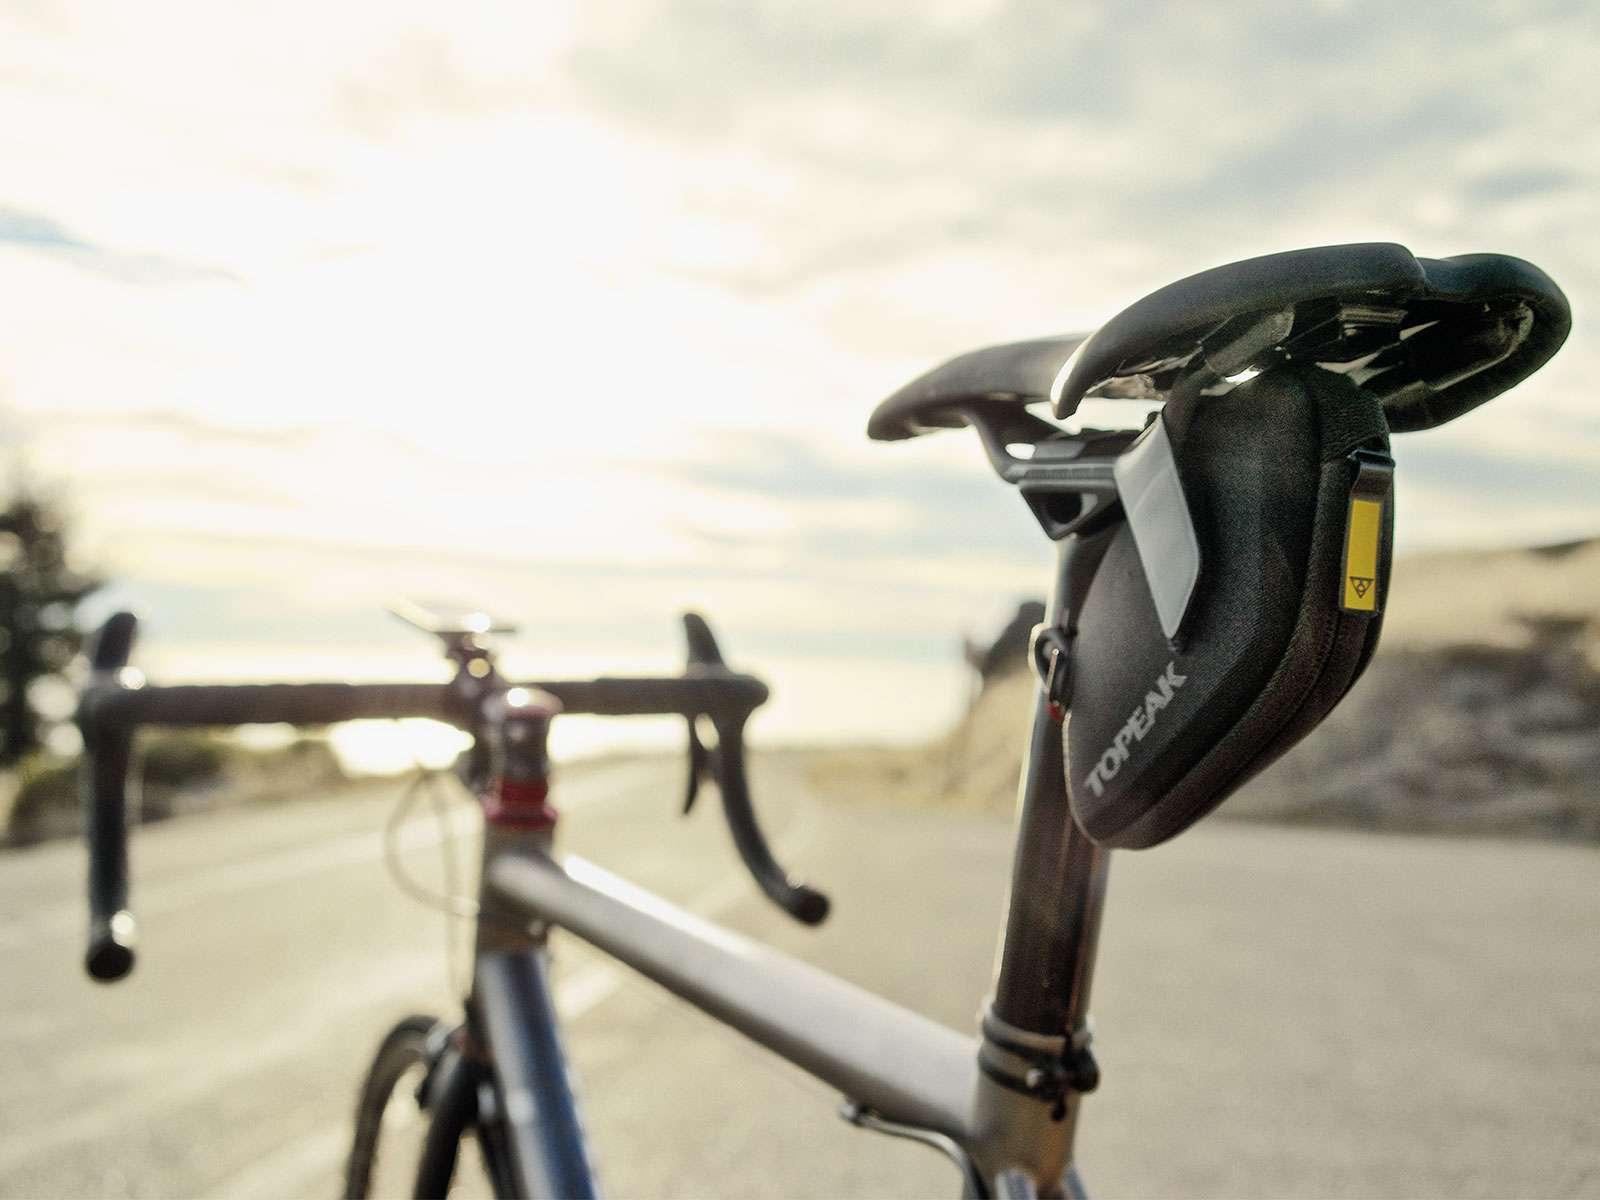 Ποδηλατική επιβίωση ΙΙ – Τσαντάκι σέλας